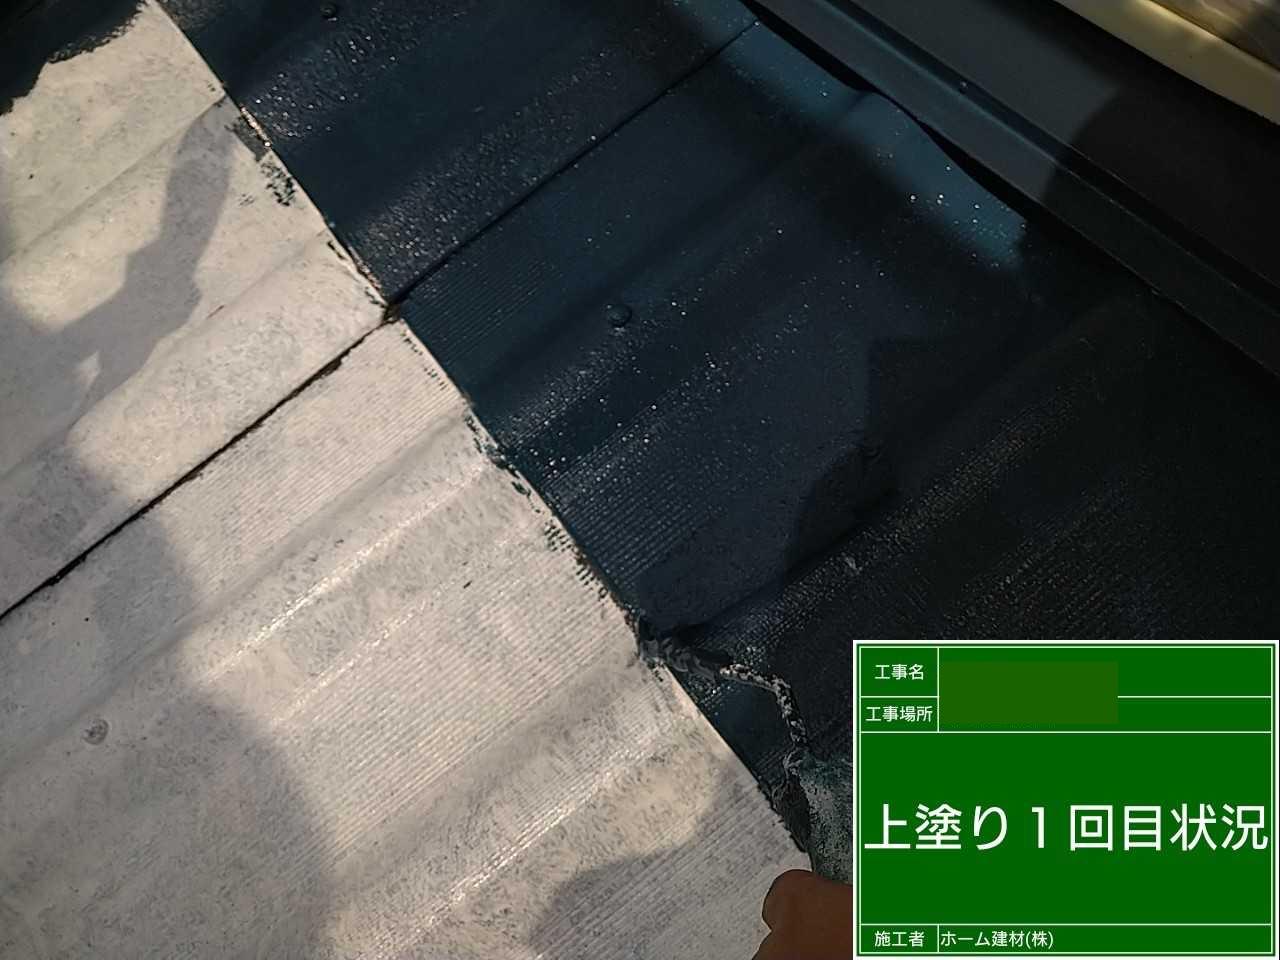 屋根塗装工事 上塗り1回目